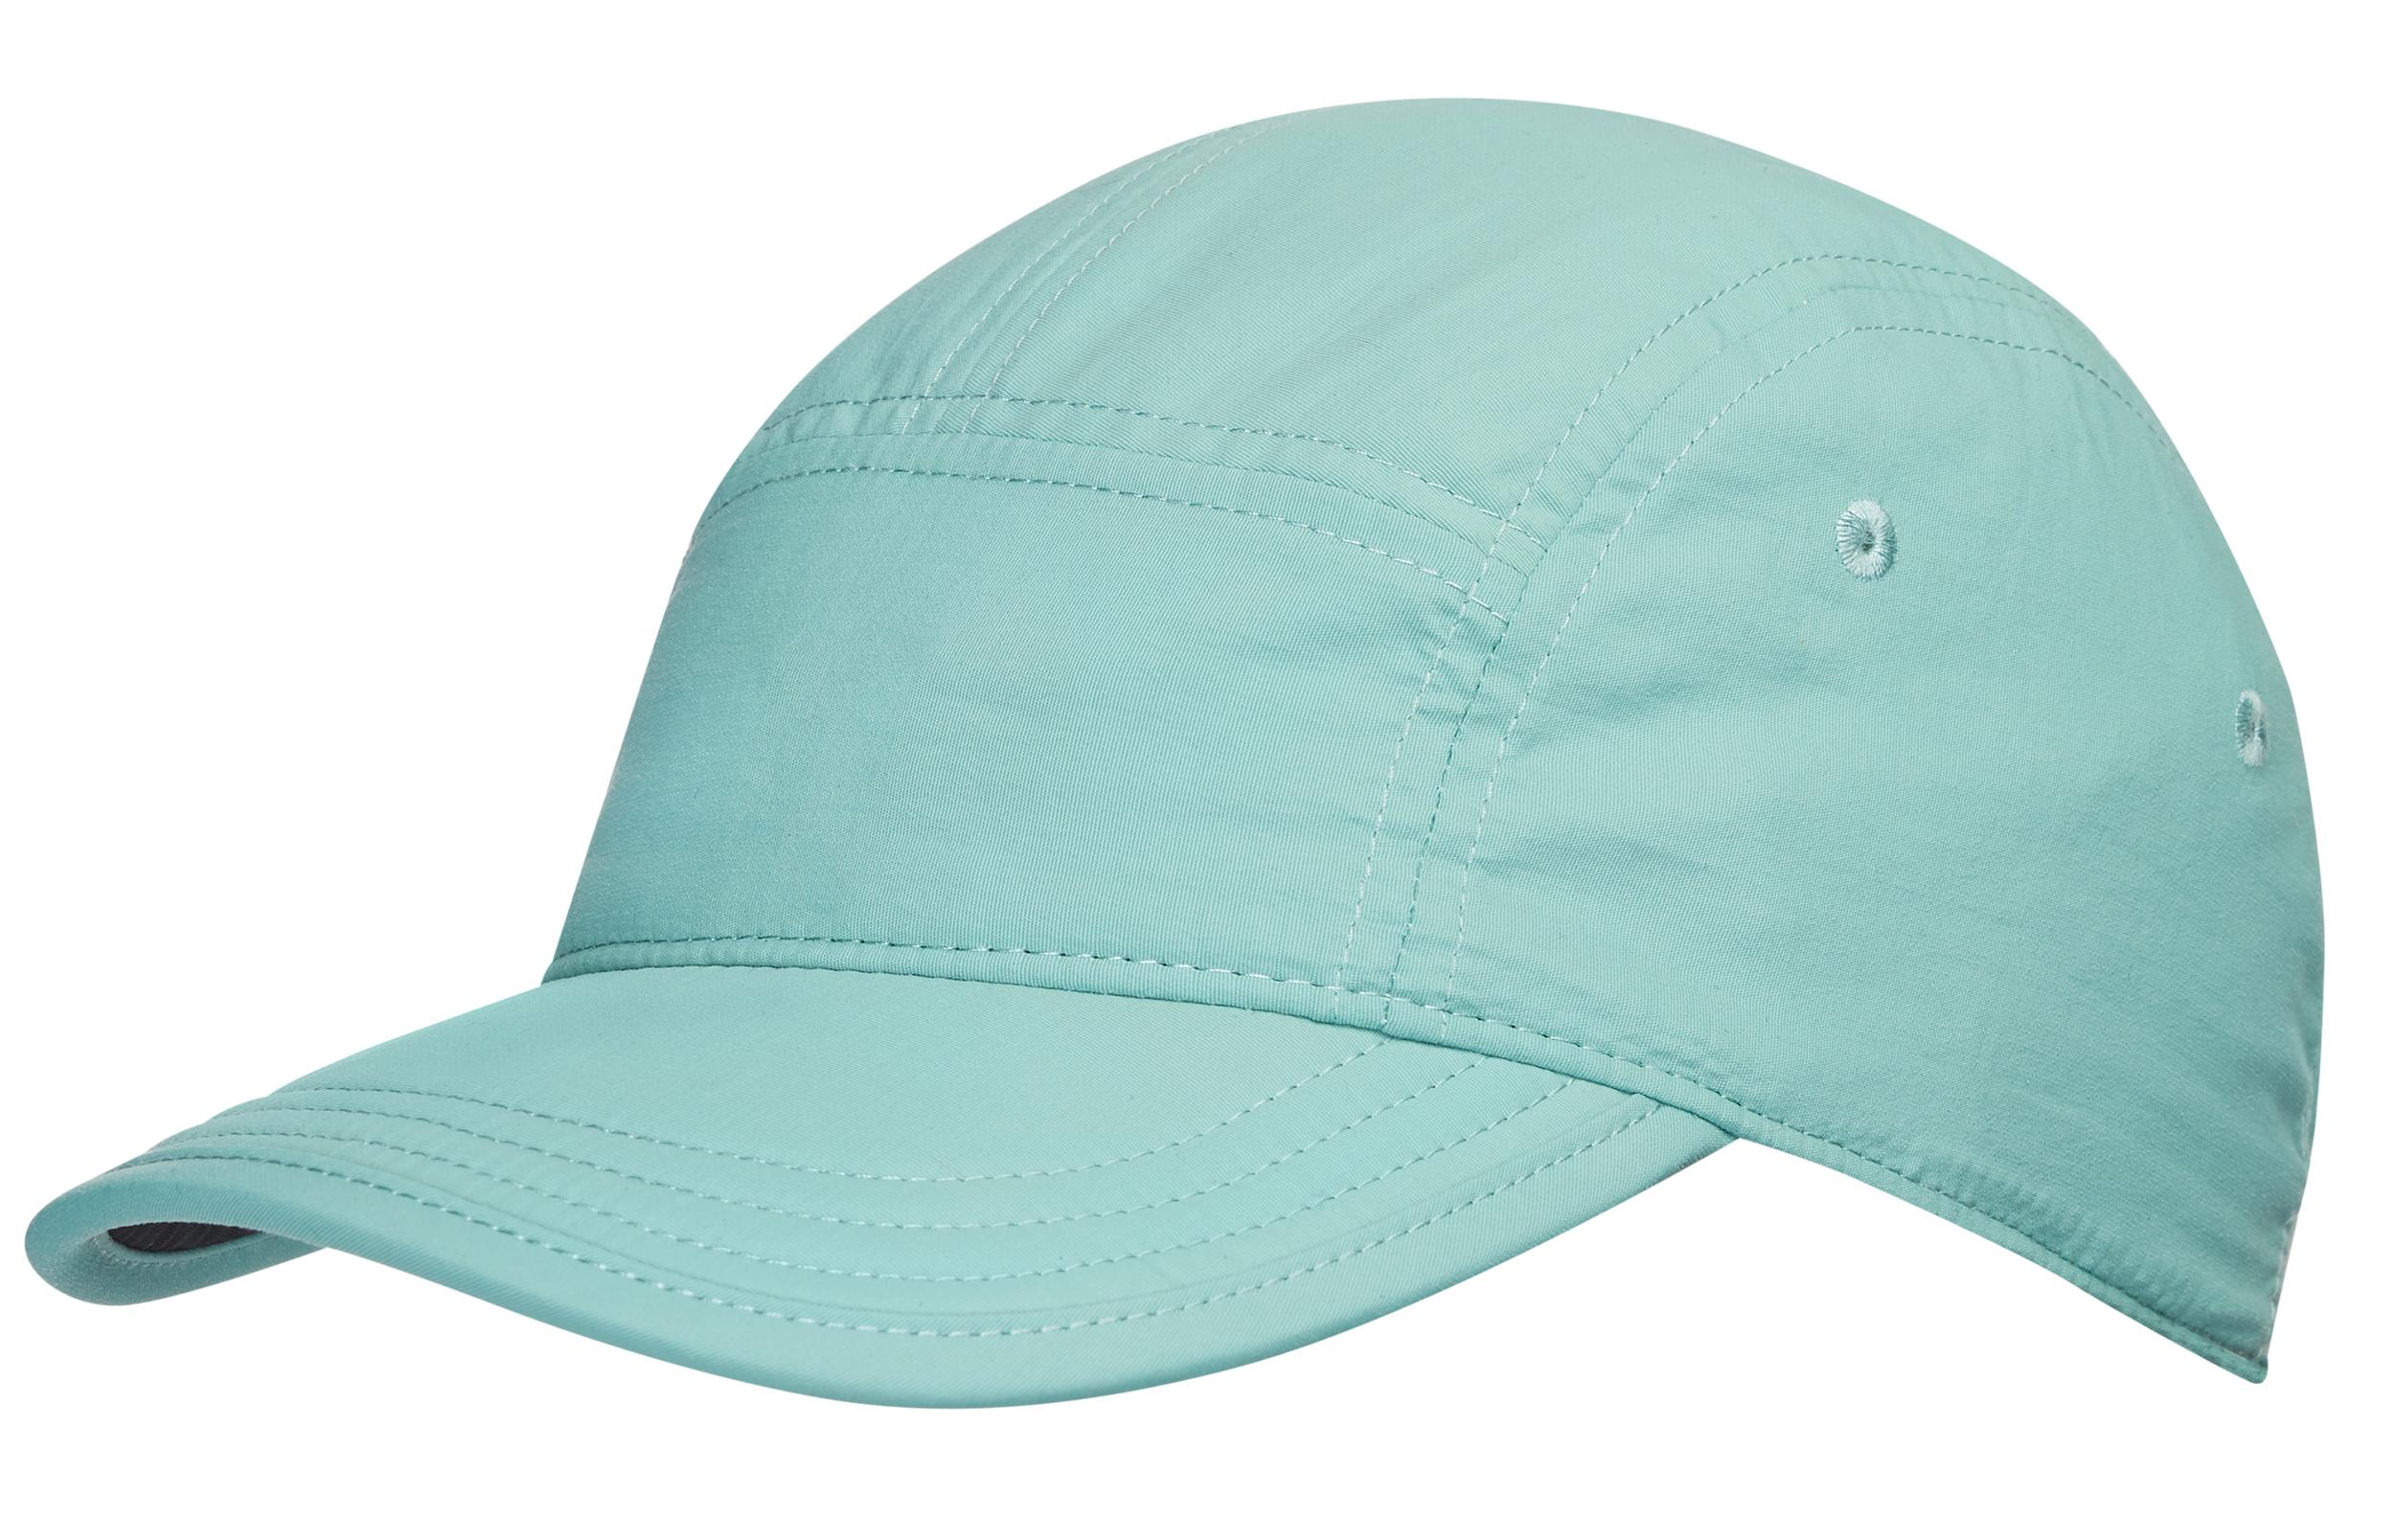 7511f6b4b8b28 Hats and toques